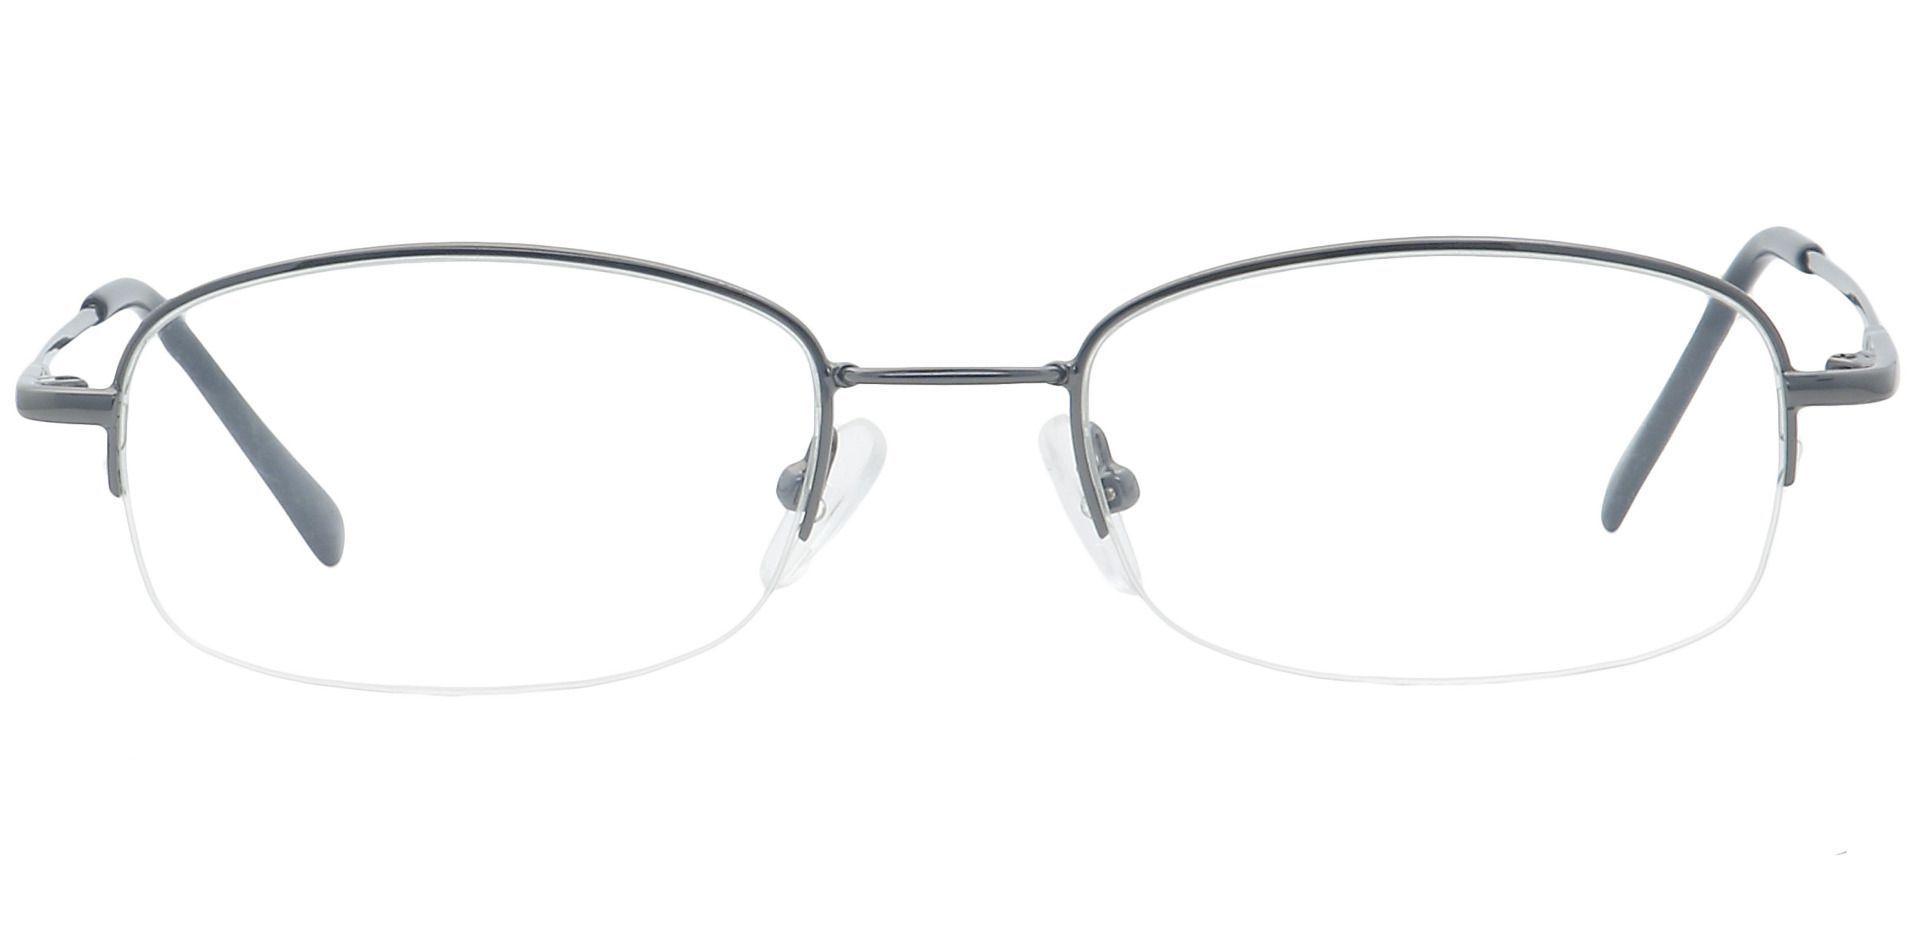 Juniper Oval Progressive Glasses - Gray